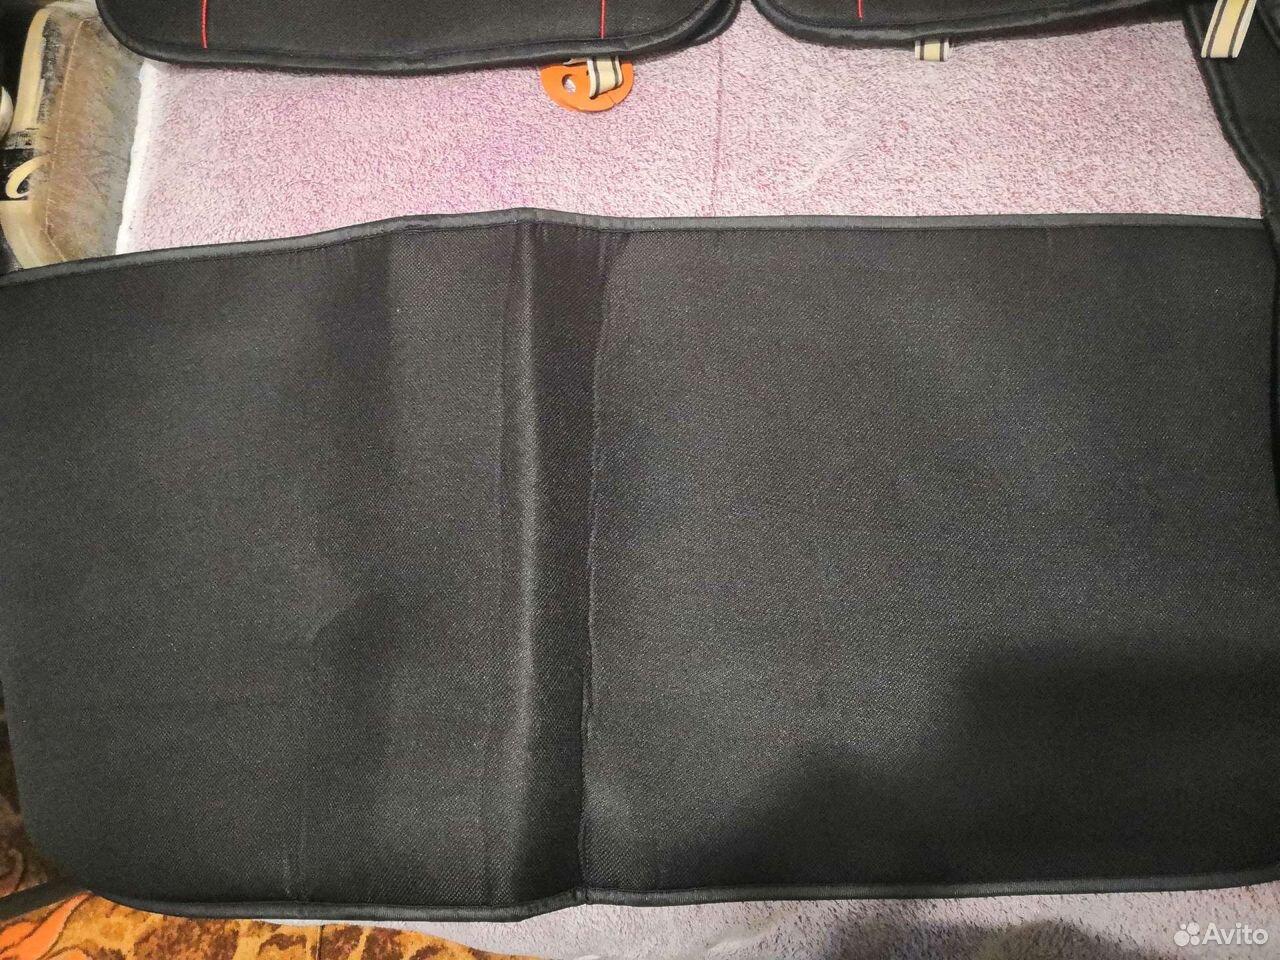 Авто чехлы  89991650556 купить 4